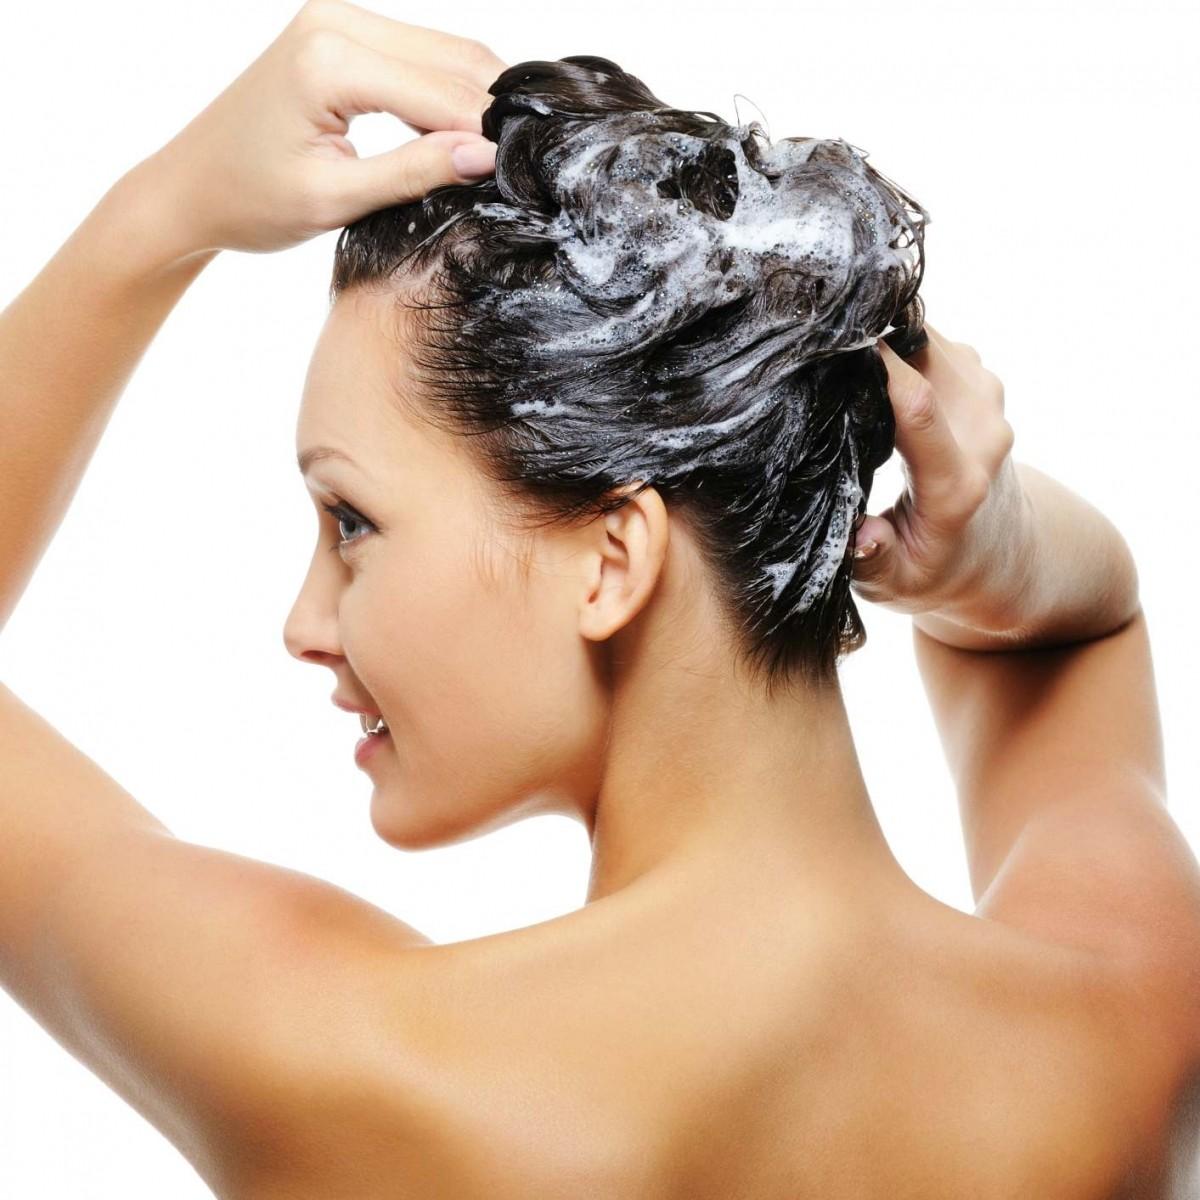 Shampoo Antirresíduos - 120 ml   - Bulla Farmácia de Manipulação